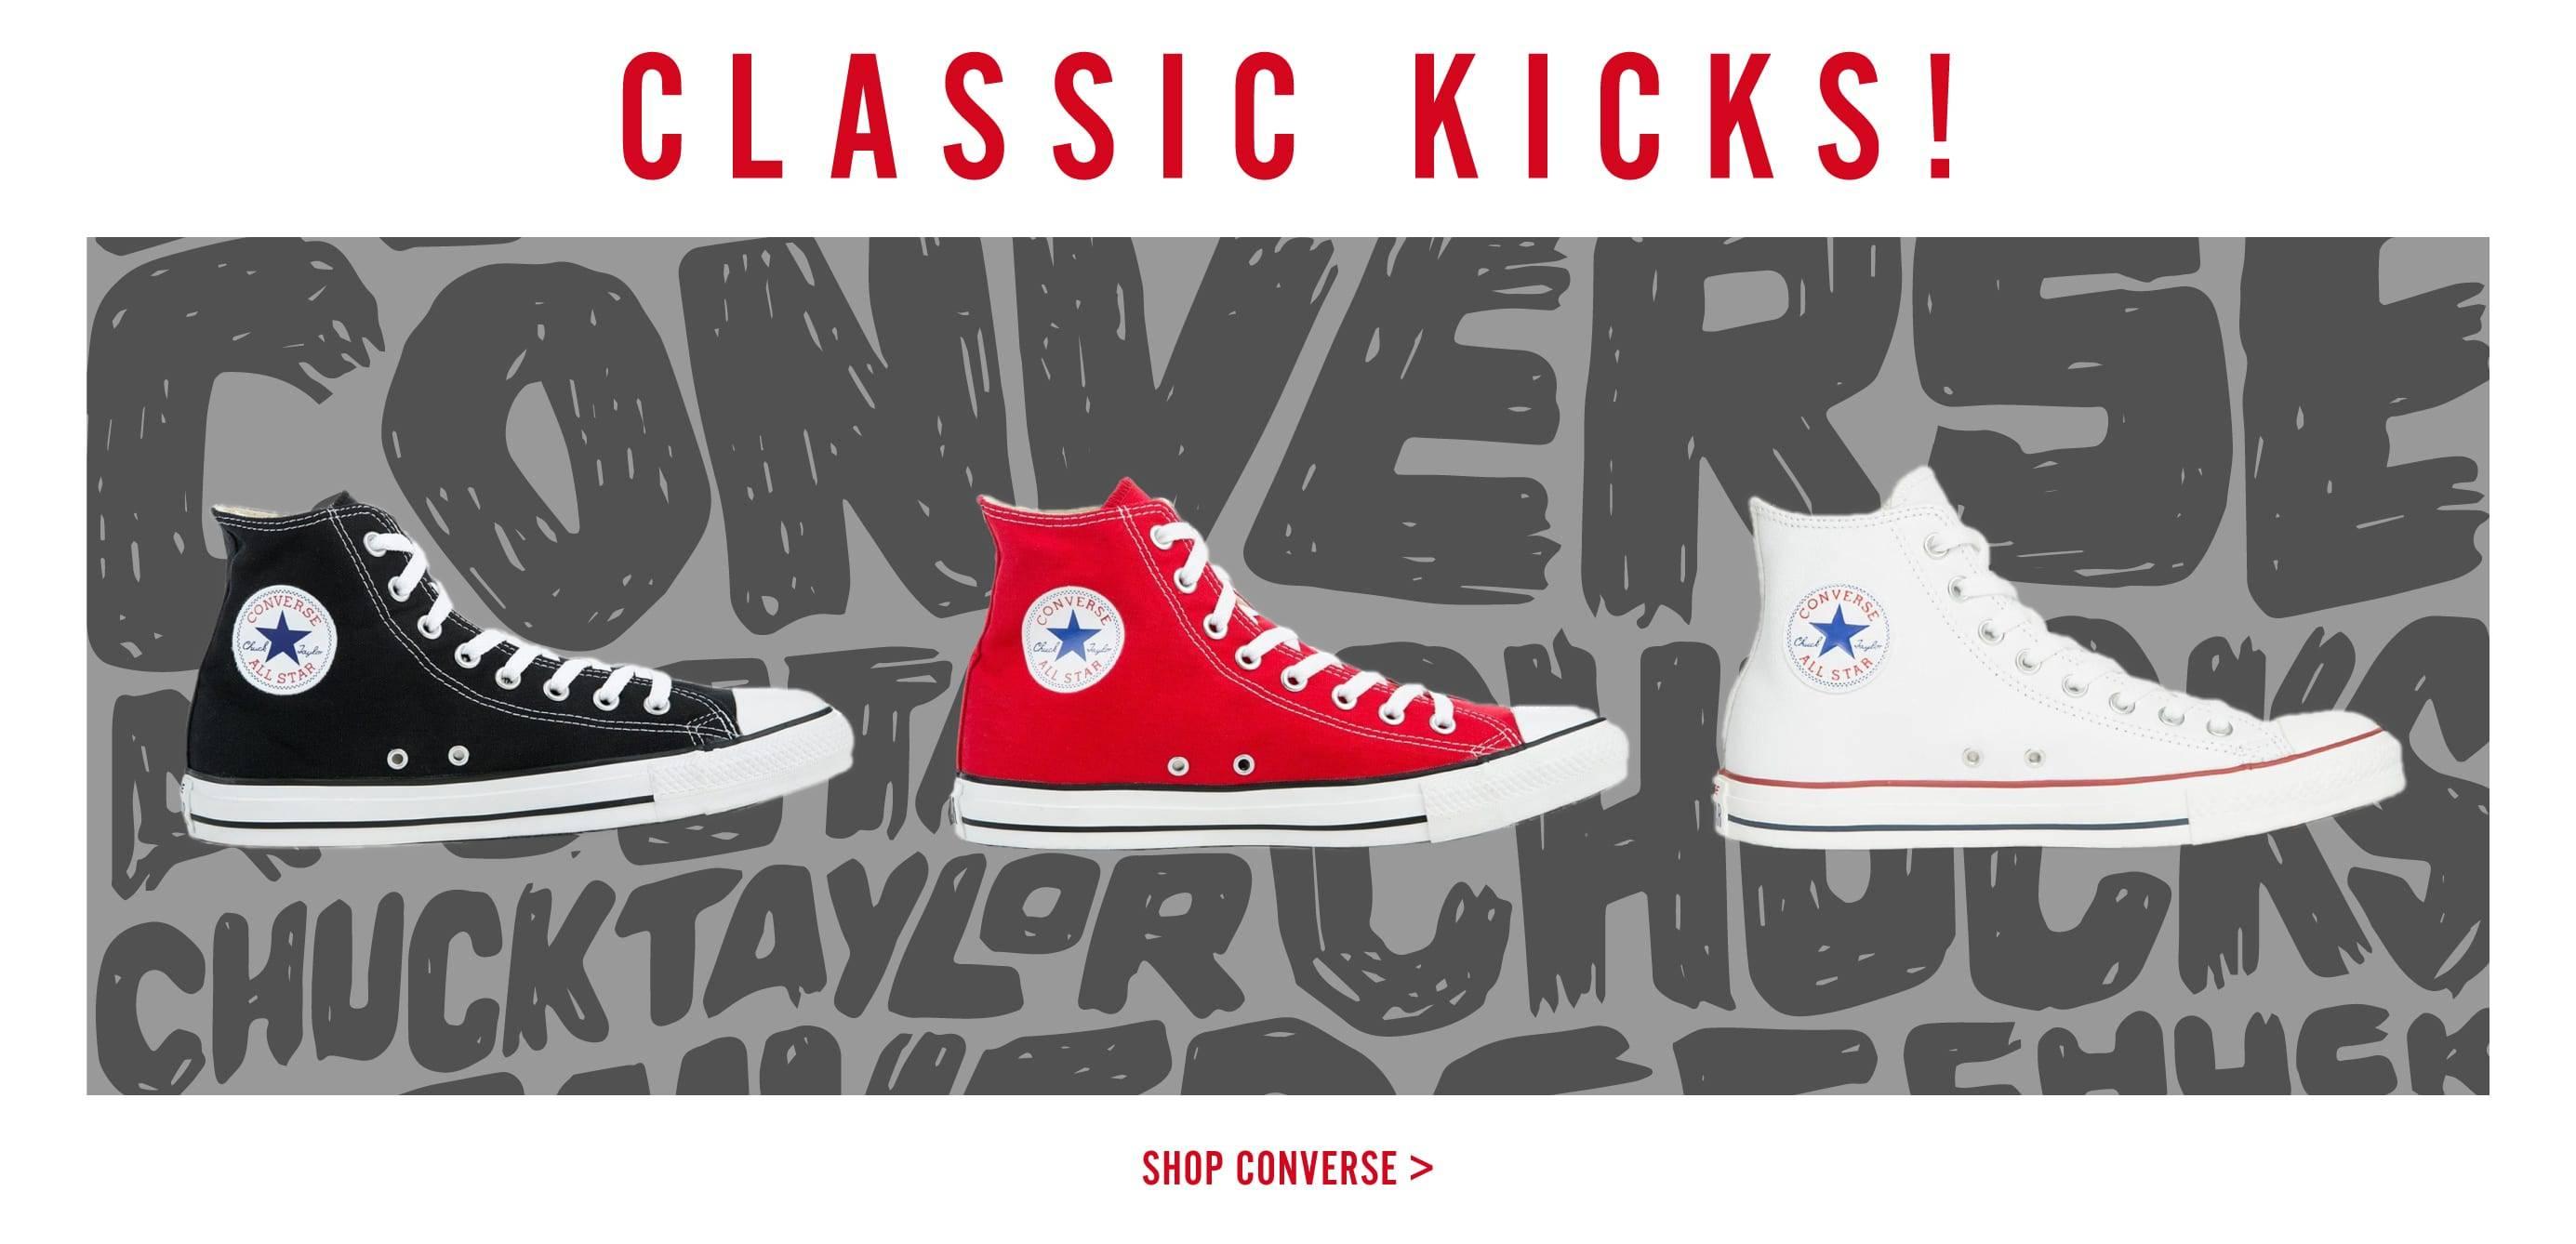 Classic Kicks | Converse | Tiltedsole.com